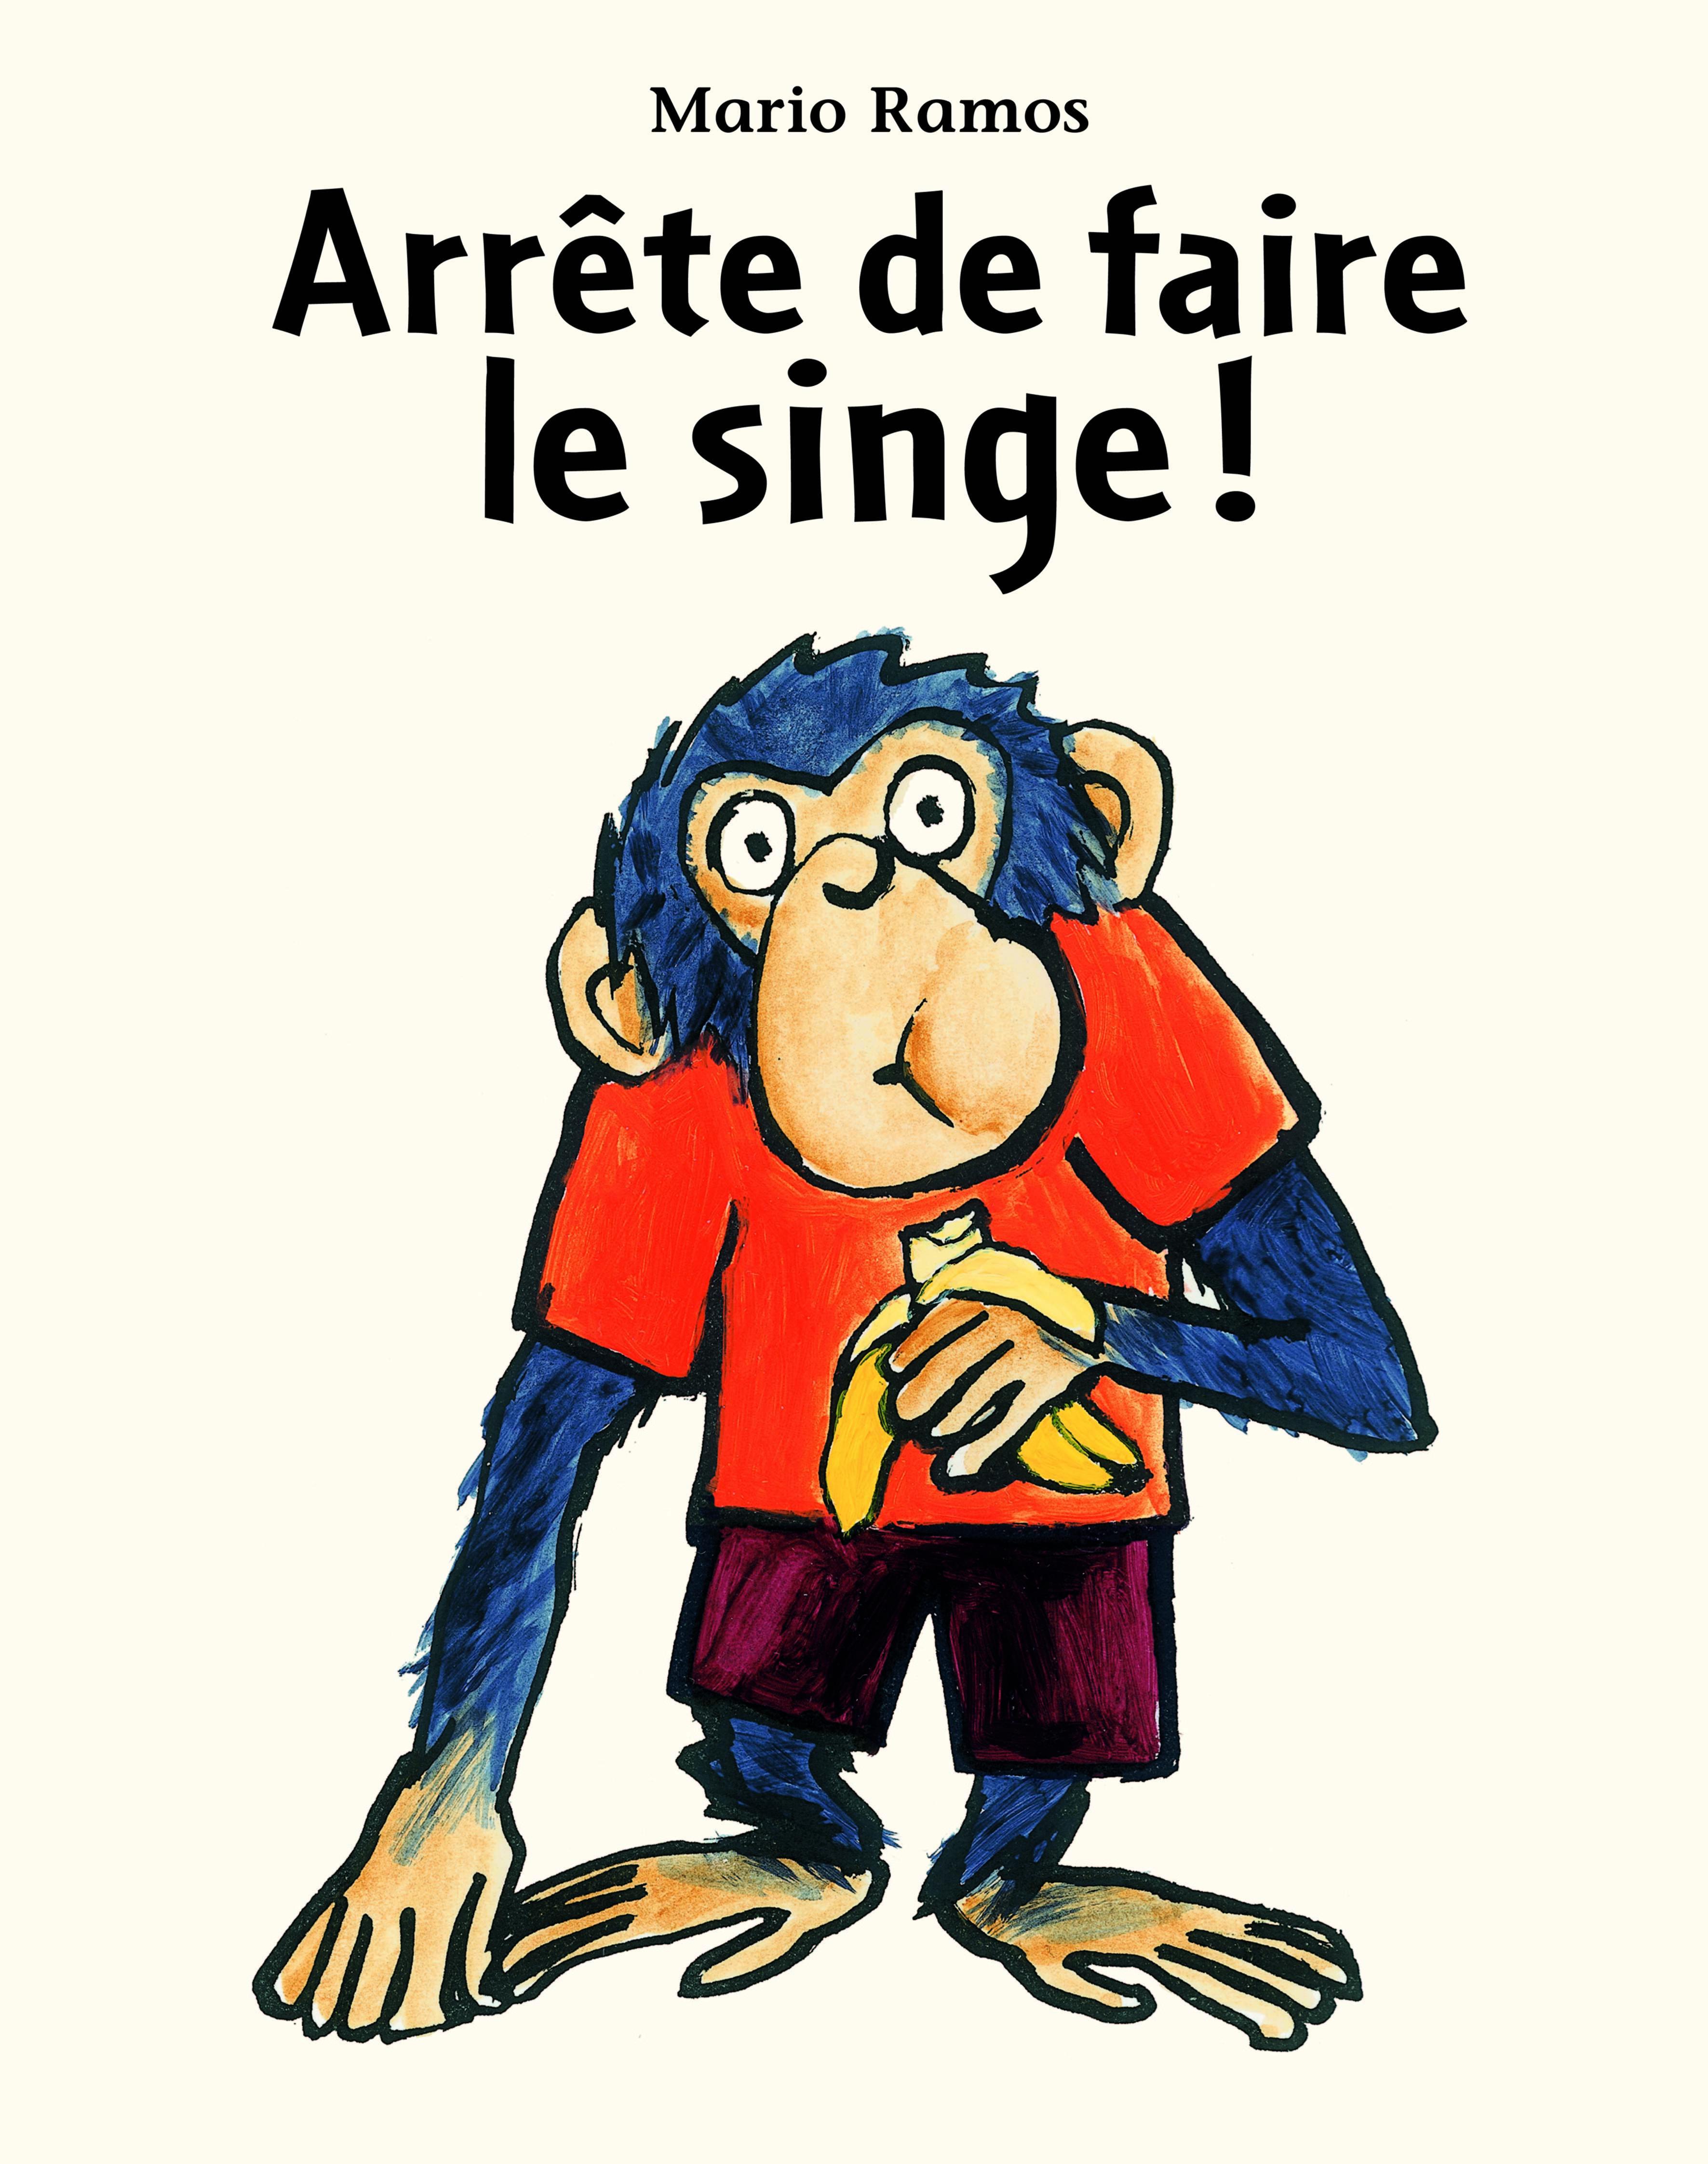 ARRETE DE FAIRE LE SINGE !